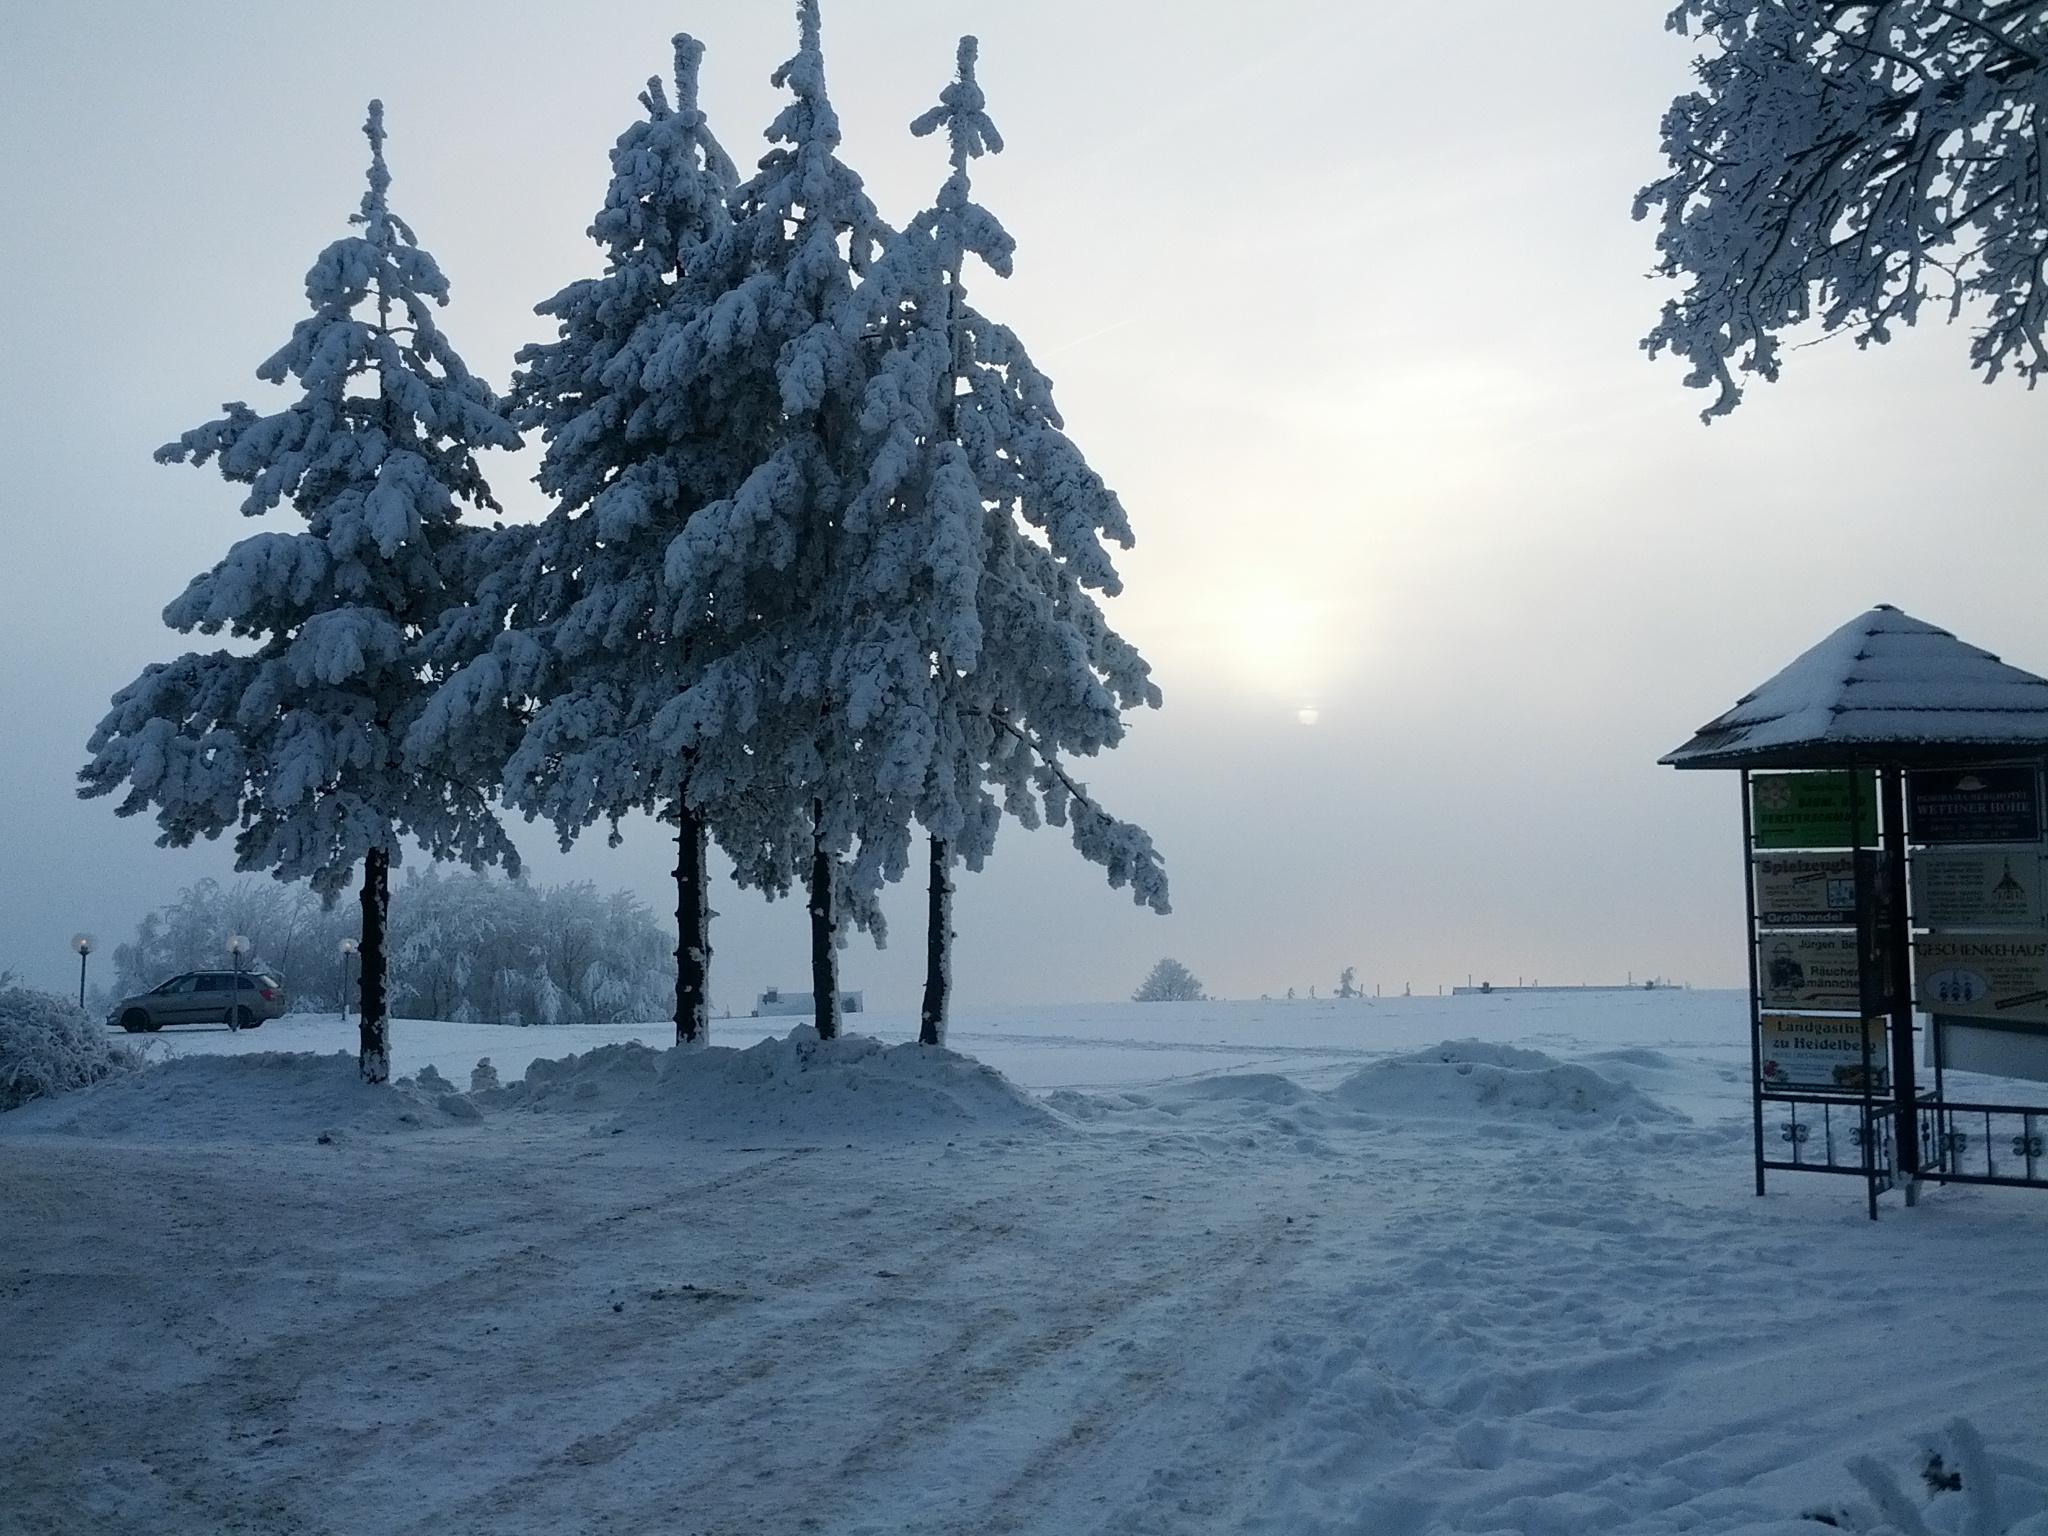 Schnee. Viel Schnee. Und wie so oft verkriecht sich die Sonne.